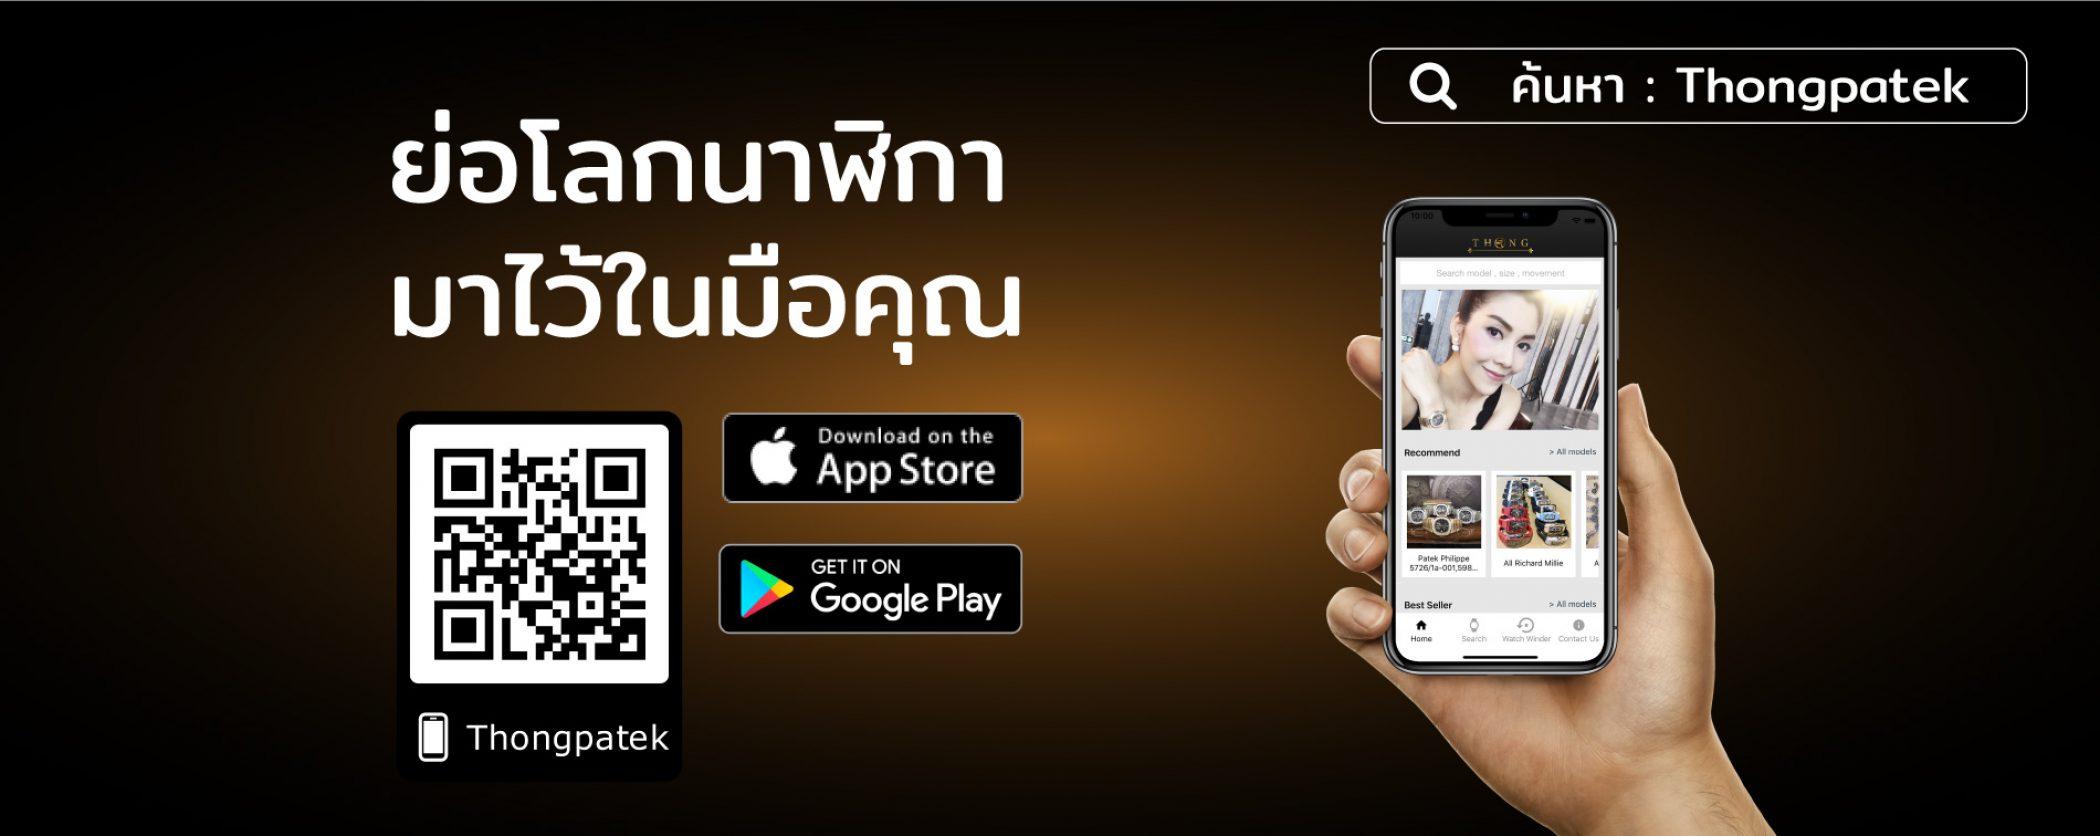 thong-mobile-app-banner-for-desktop